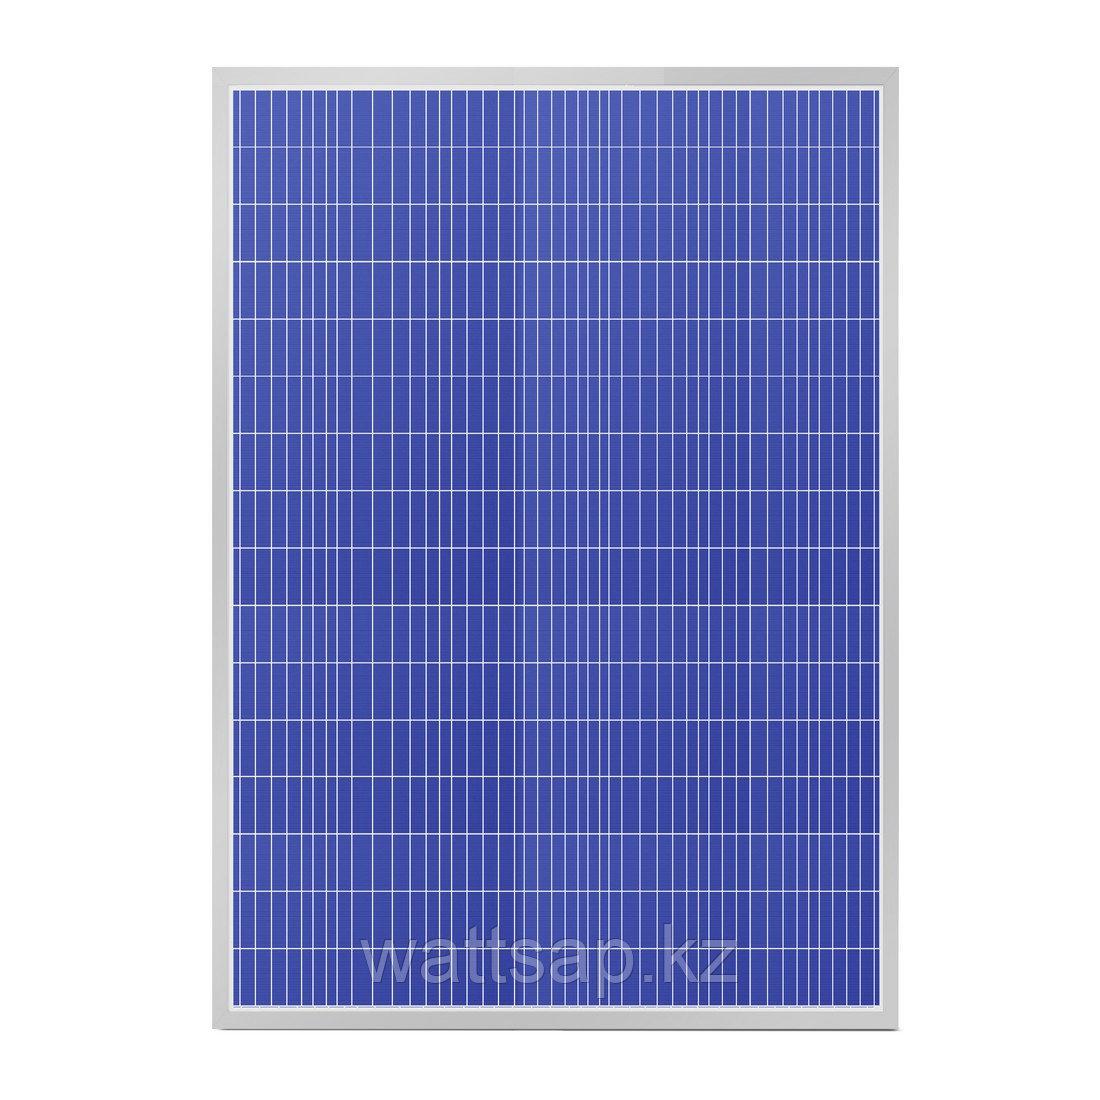 Солнечная панель, SVC, P-300, Мощность: 300Вт, Напряжение: 24В, Тип: поликристалическая, Класс: 1 класс, Рабочая температура: -40С+85С, Защита: IP65.